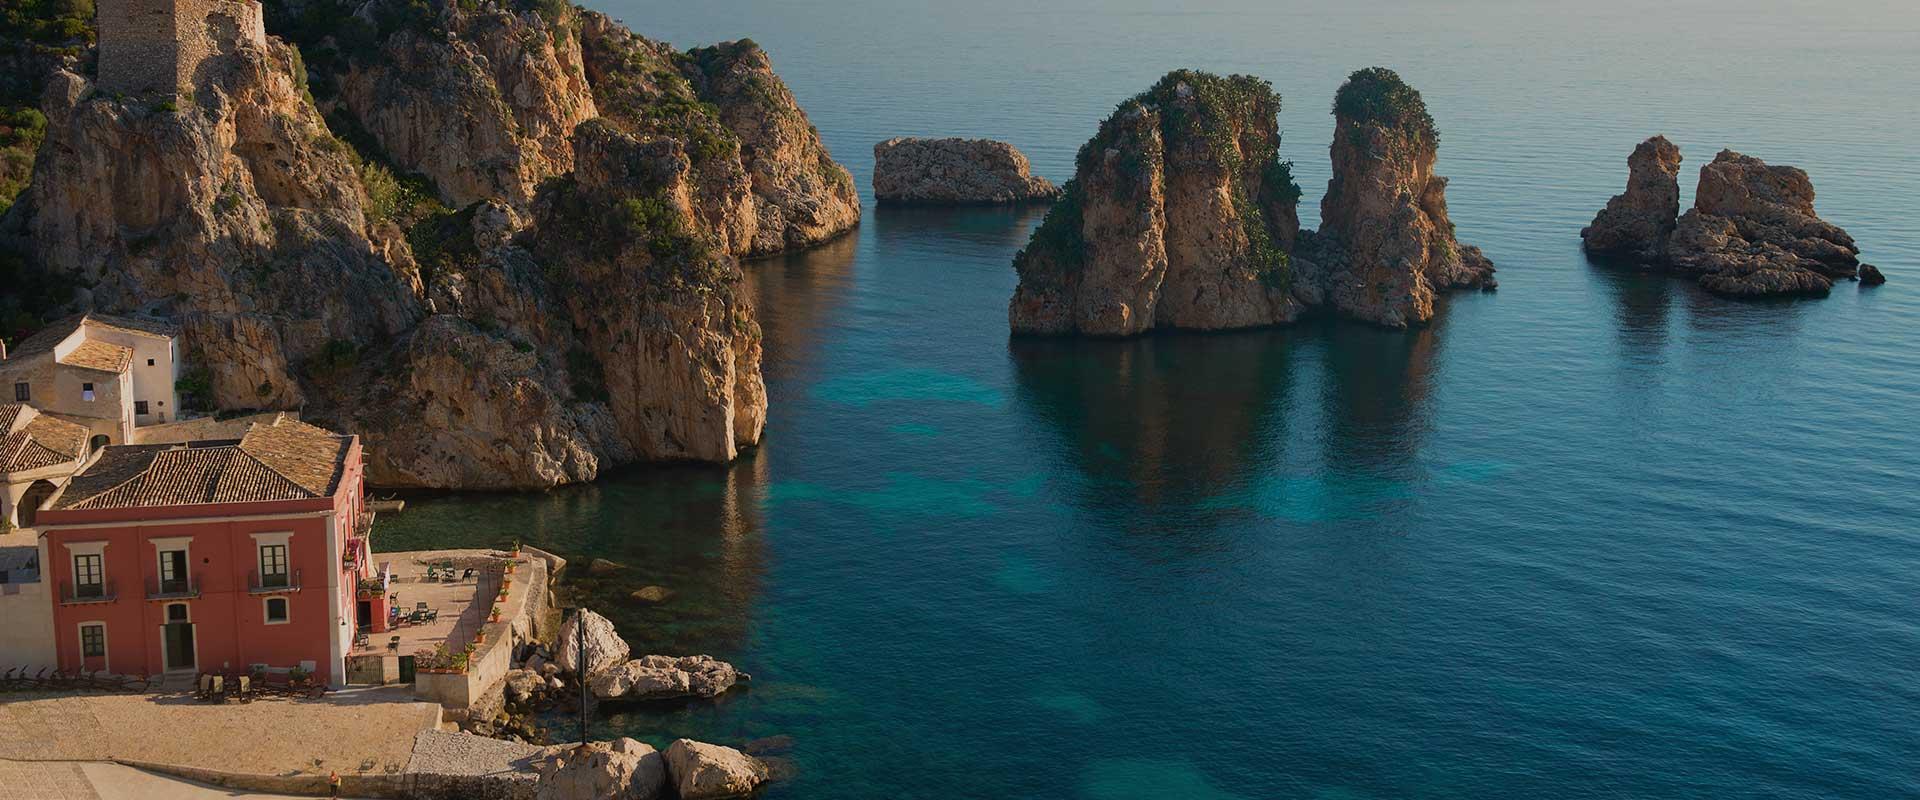 Viaggio in Sicilia Scopello